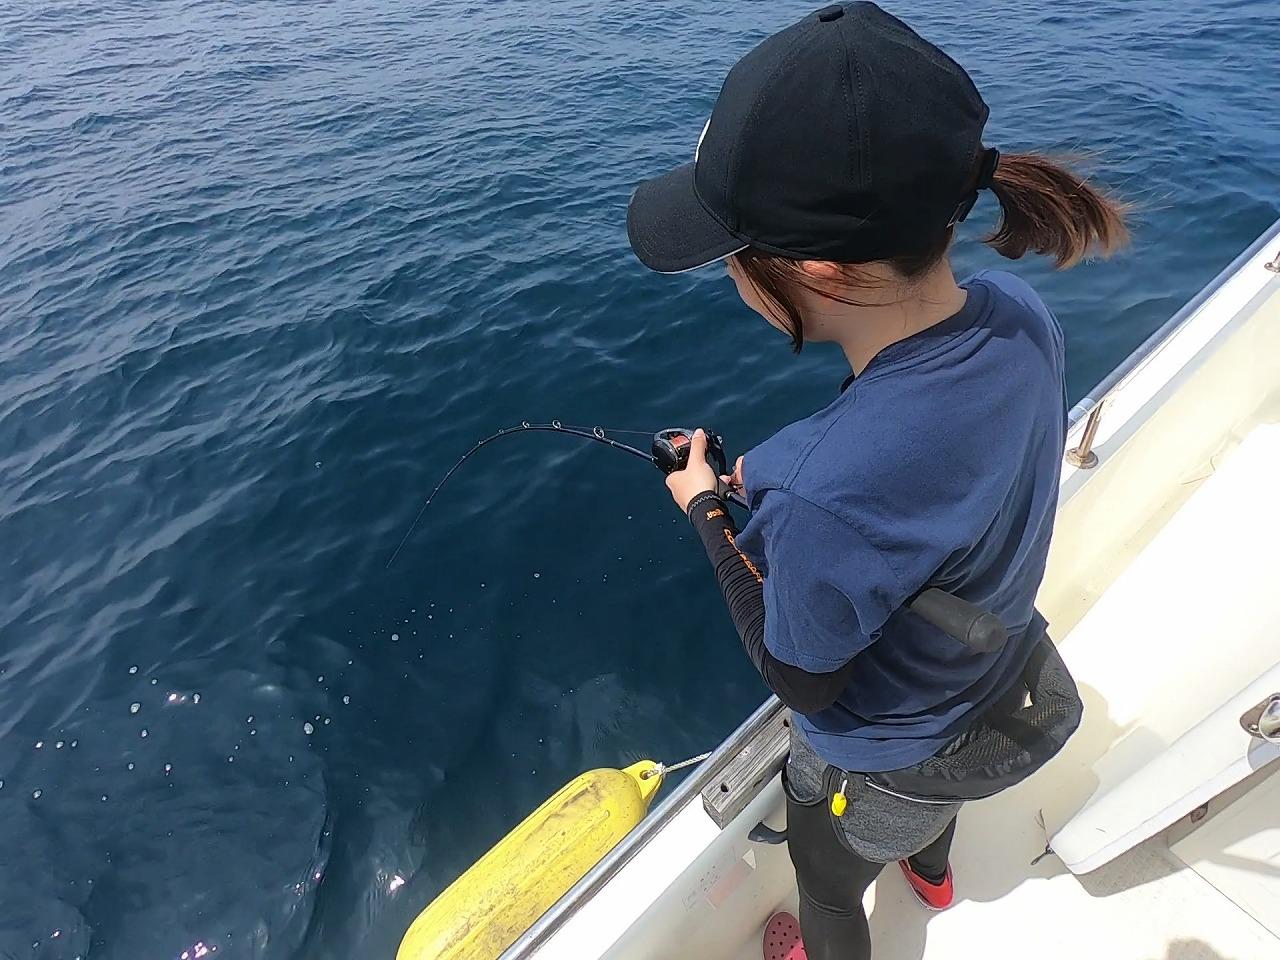 https://www.suzukimarine.co.jp/marina/hamanako/blog/img/%E5%86%99%E7%9C%9F%202019-07-03%2017%2007%2056.jpg